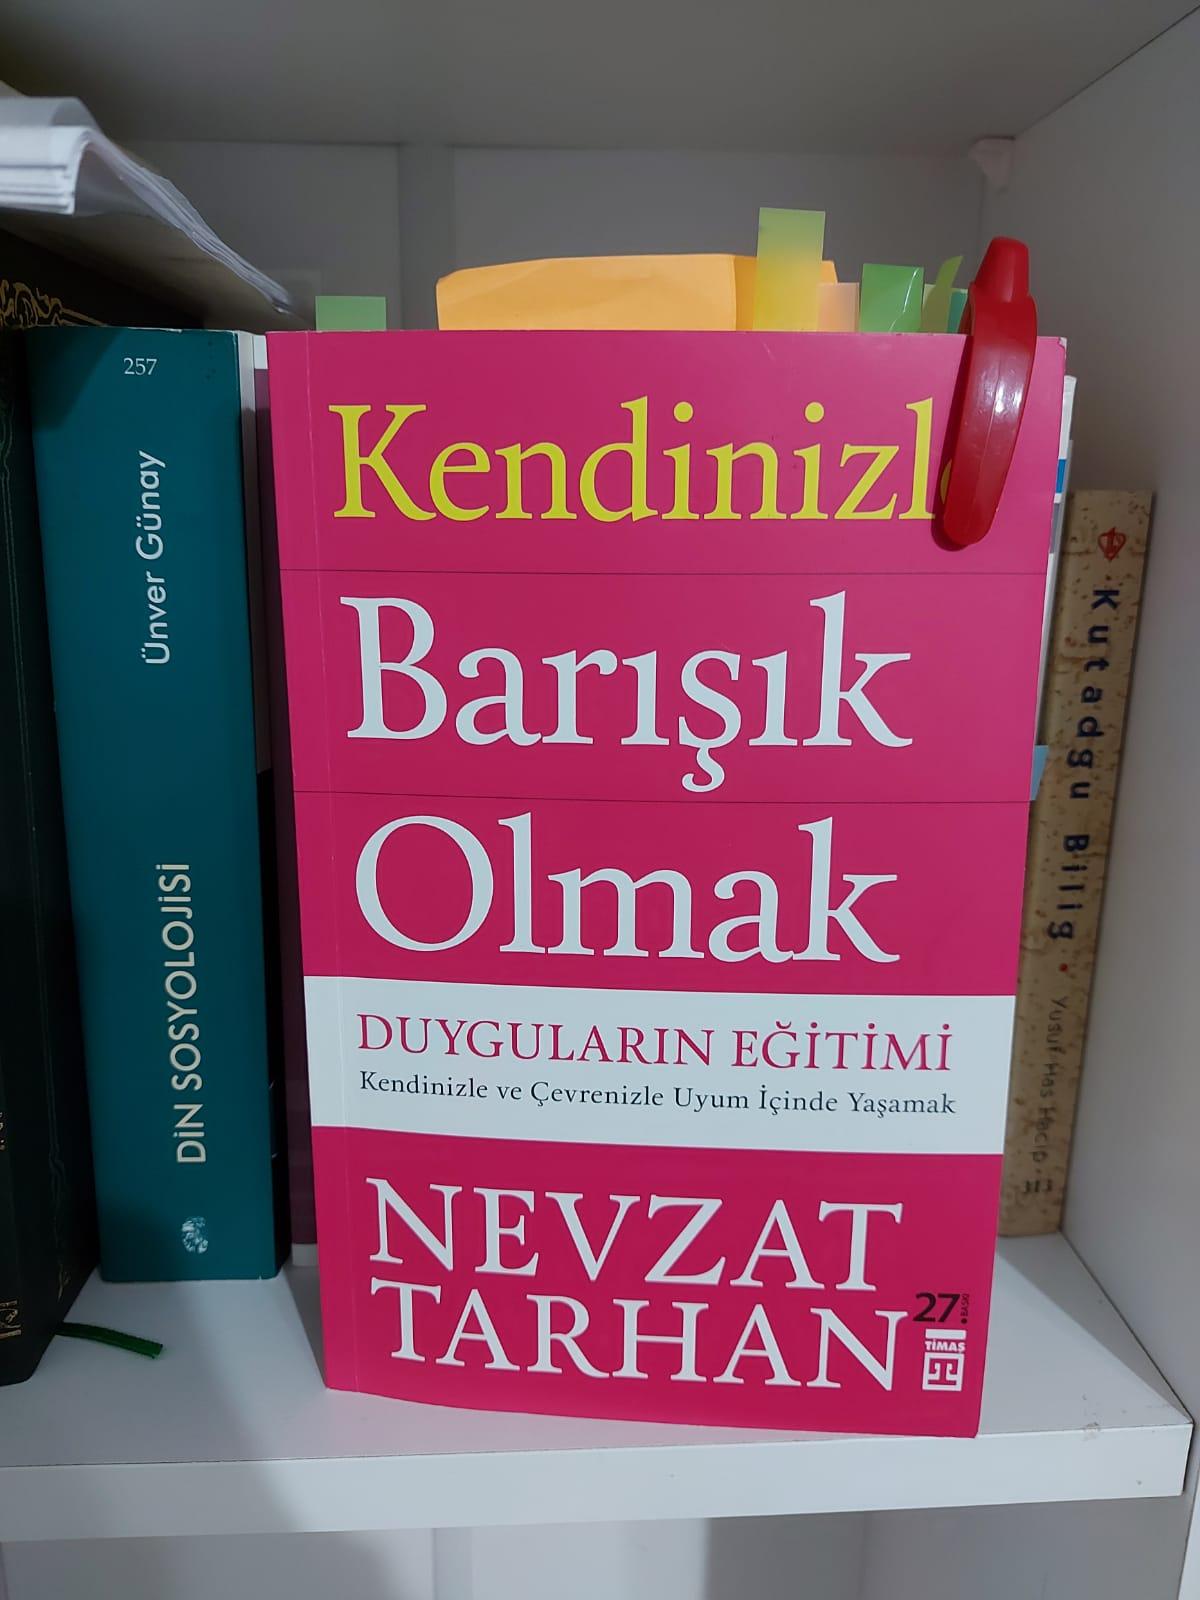 """""""Kendinizle Barışık Olmak, Duyguların Eğitimi"""" Kitabı Üzerine Beranarı Bir Yazı"""